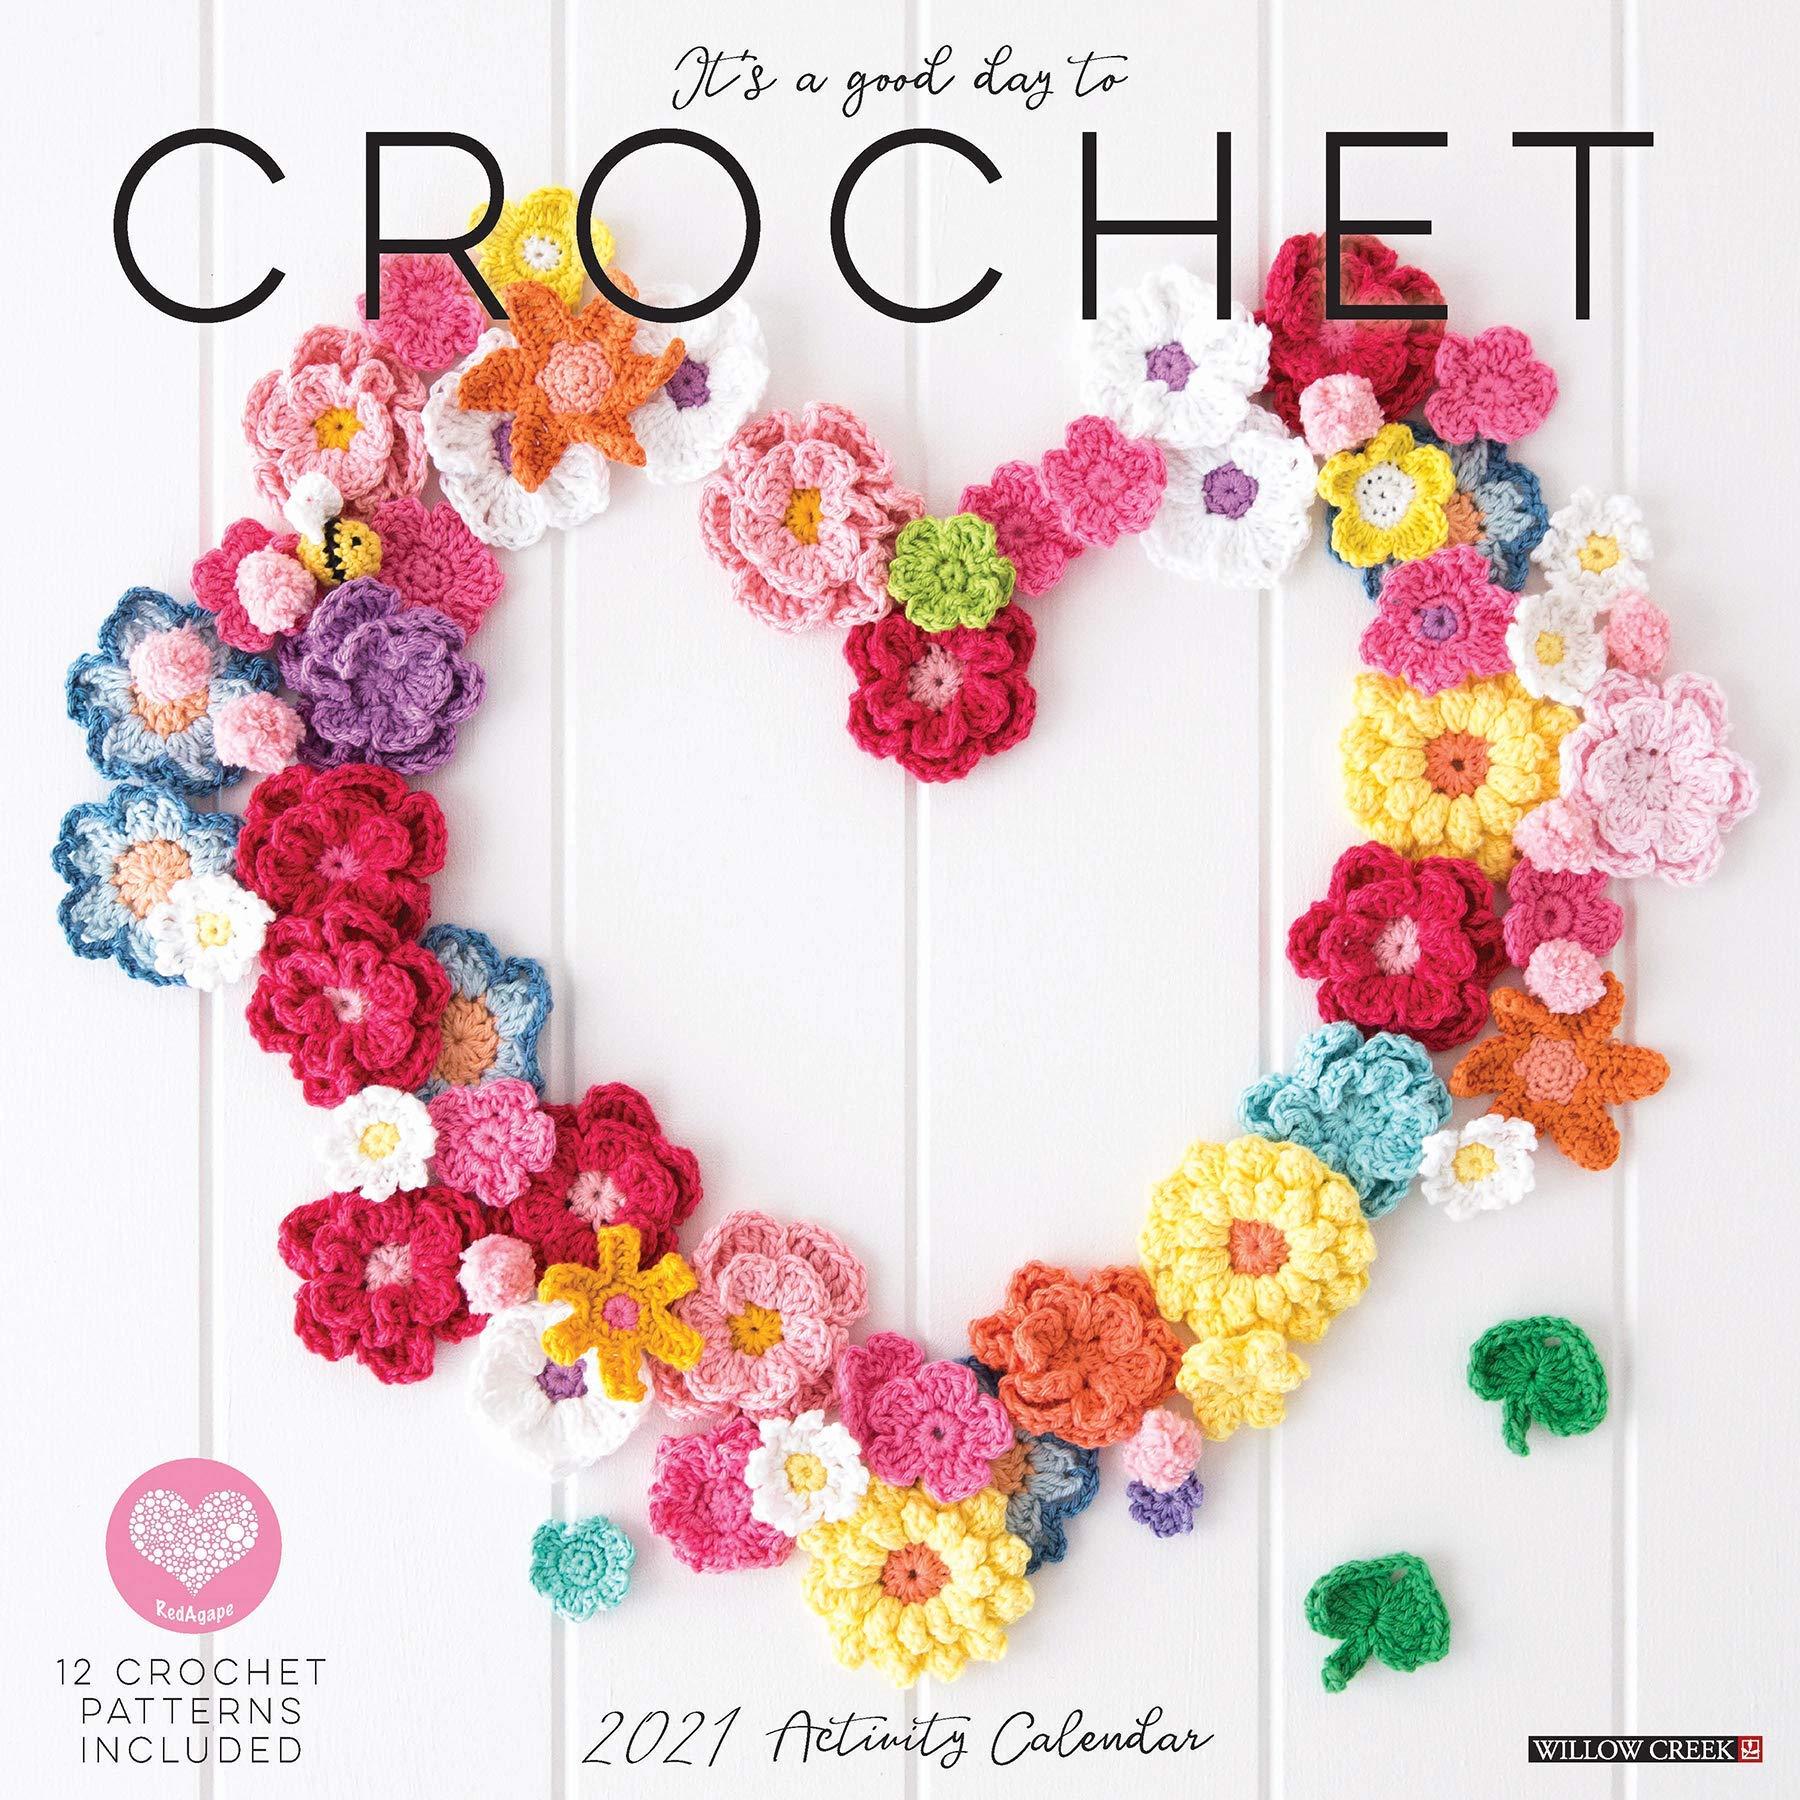 Crochet Calendar 2021 Background